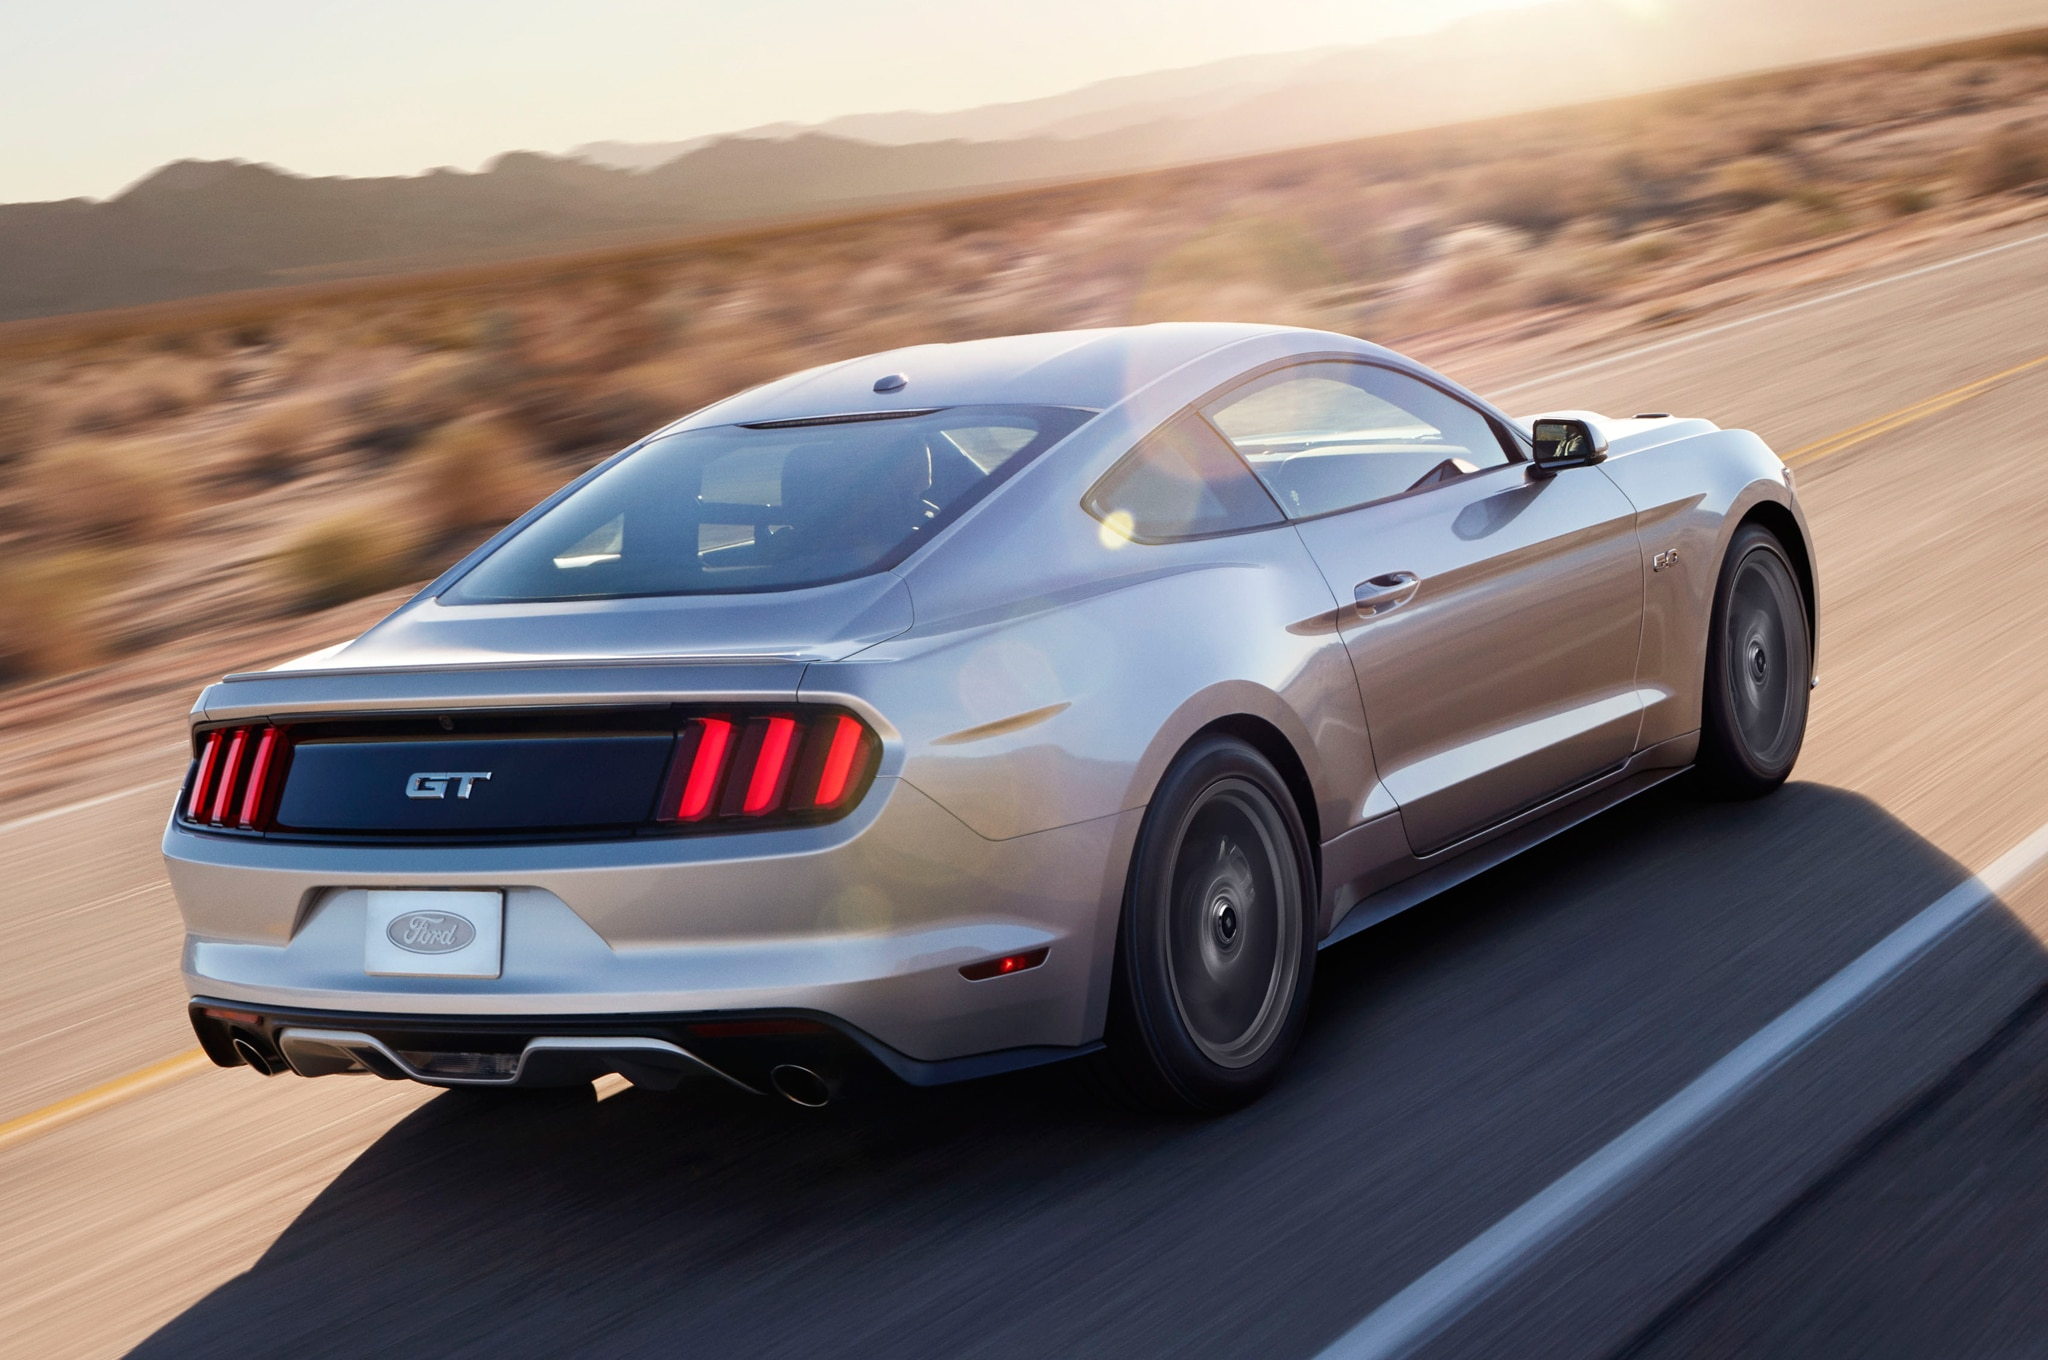 2015 Ford Mustang Rear Three Quarter